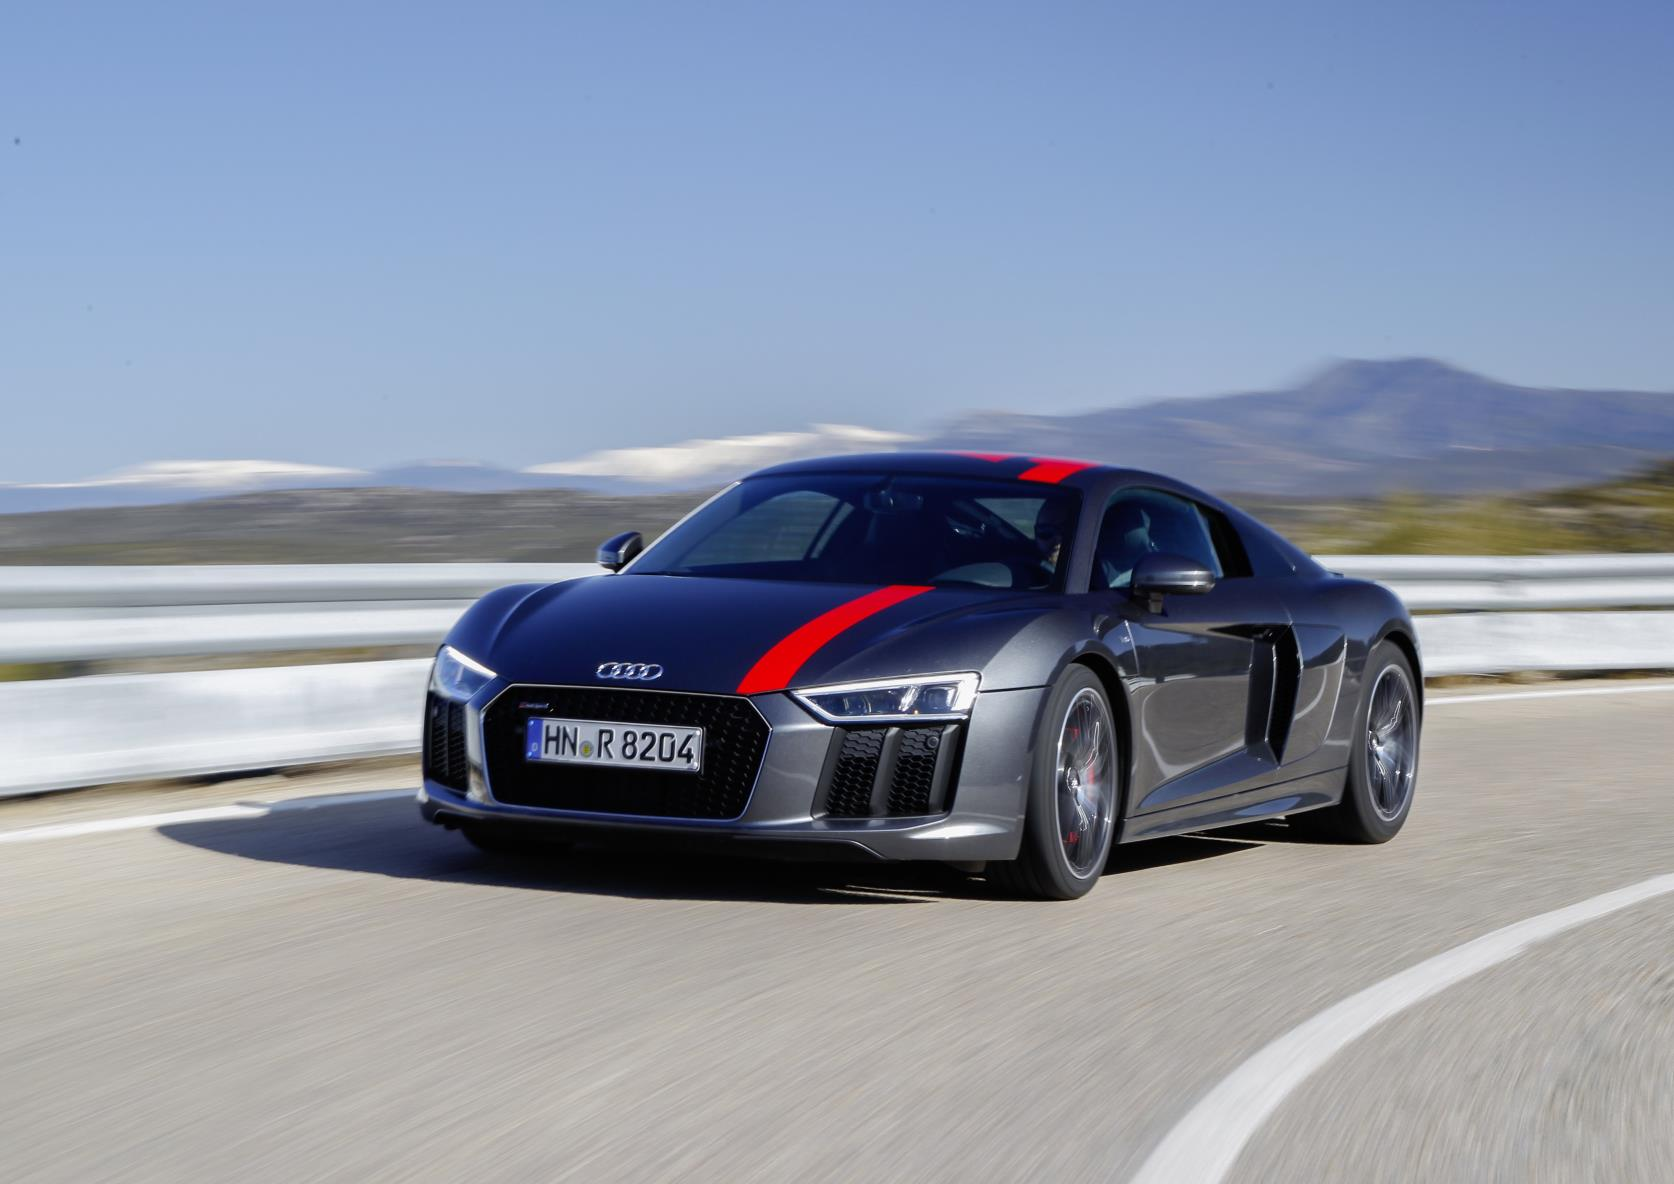 Audi R8 Rws El De Los Puristas Autocasi 243 N